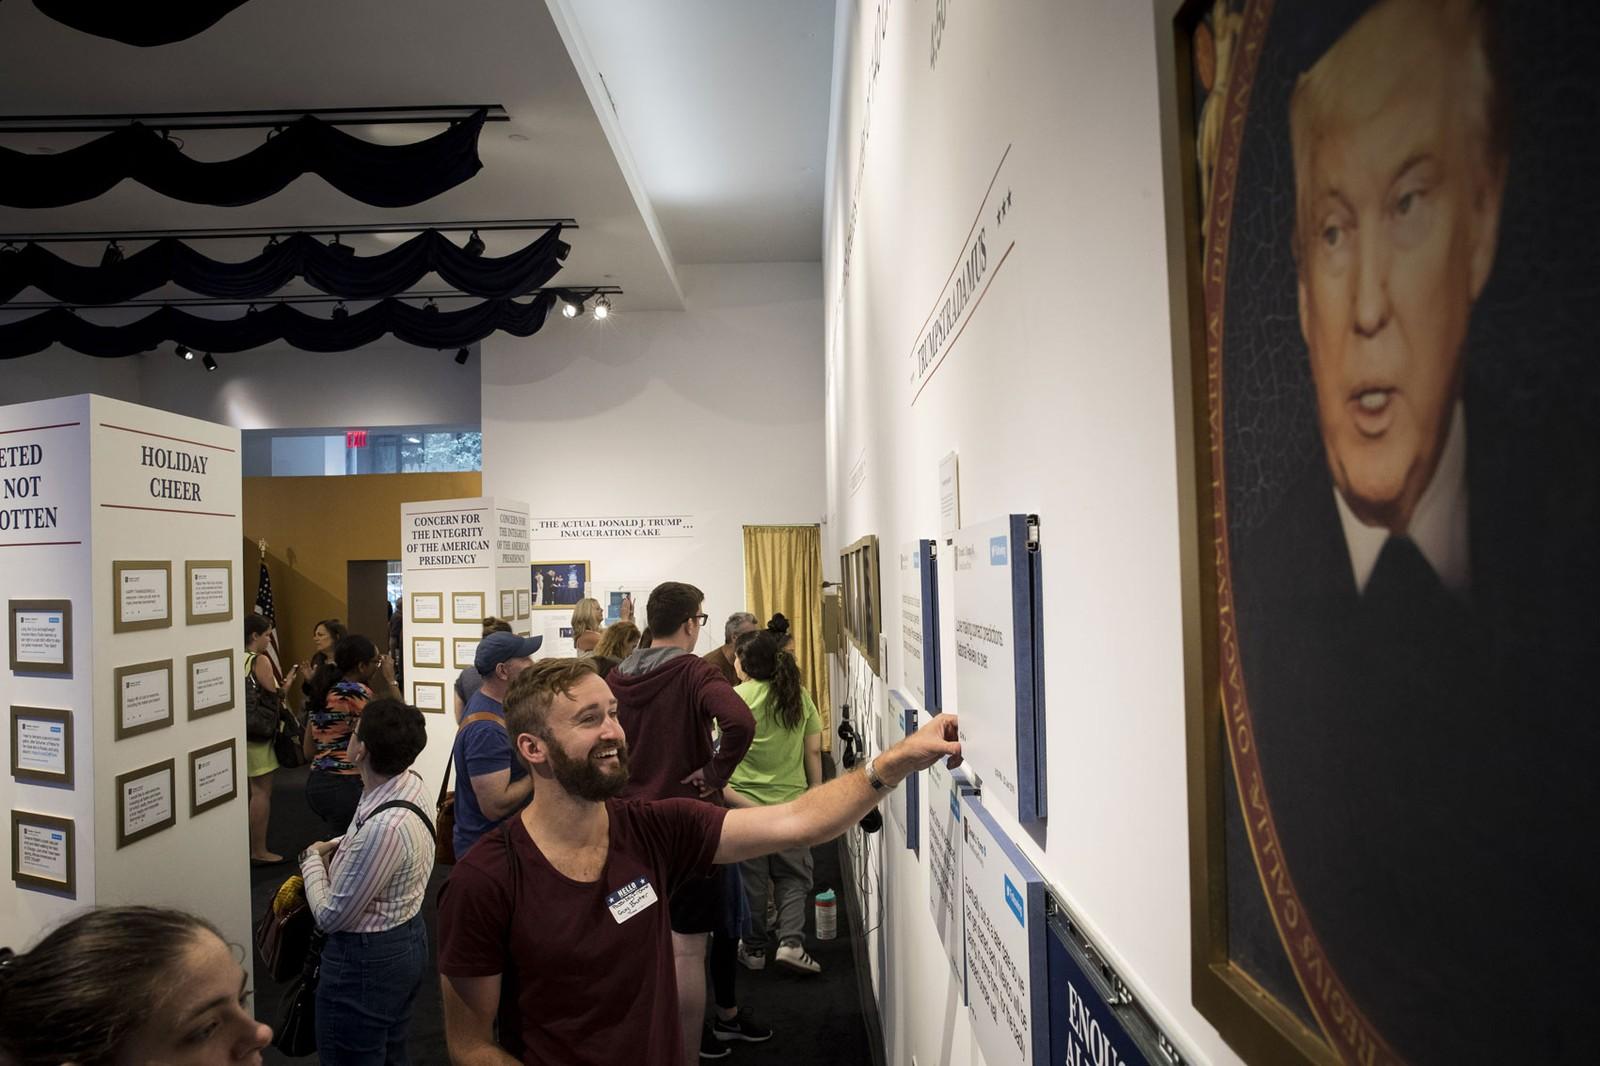 Público visita exposição 'Donald J. Trump Presidential Twitter Library' em Nova York, nesta sexta-feira (Foto: Drew Angerer/Getty Images North America/AFP)